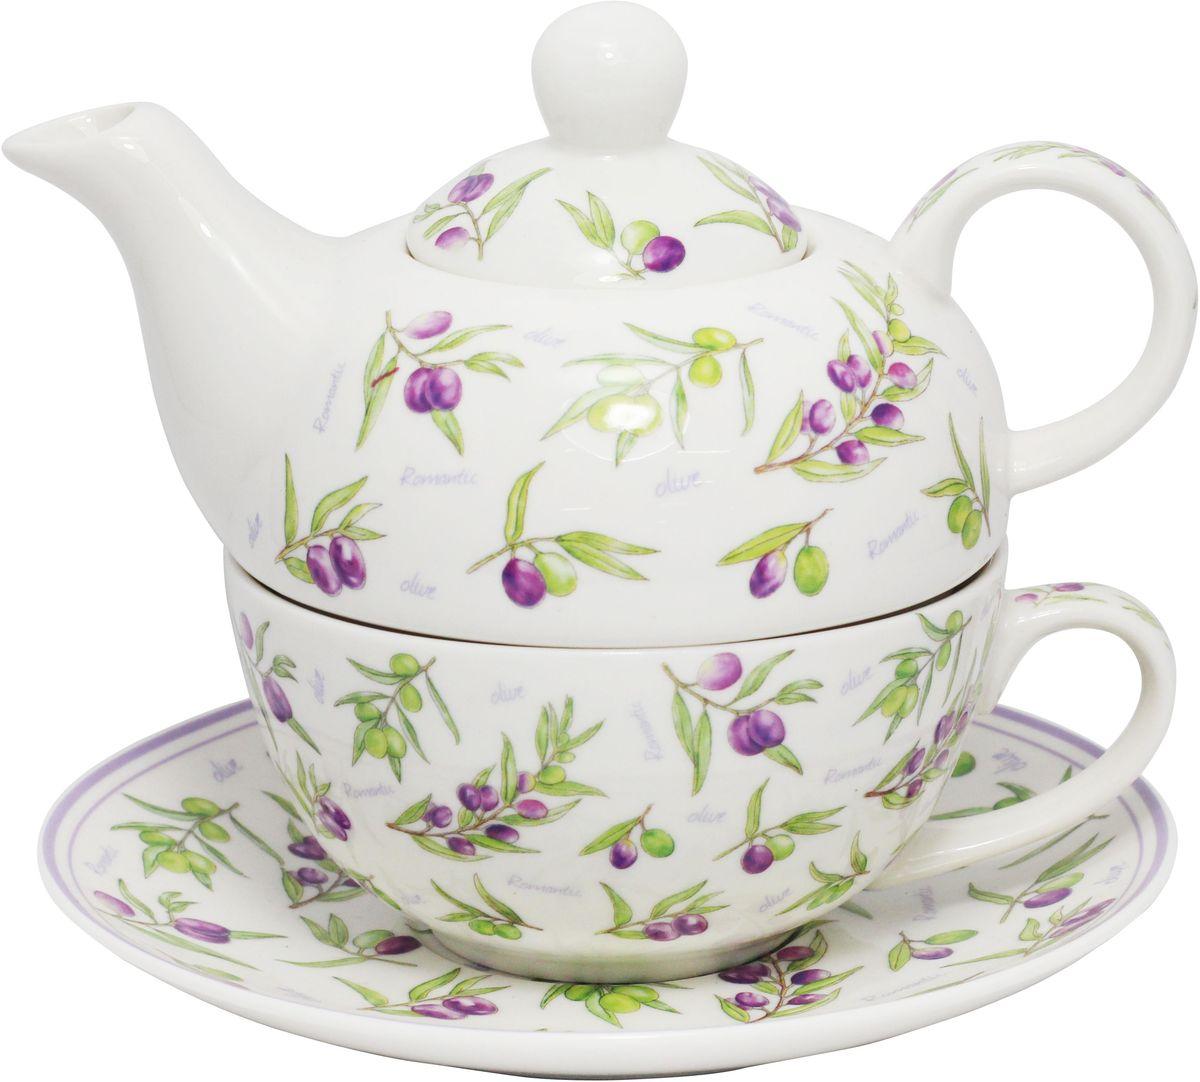 """Чайный набор JEWEL """"Оливки"""" изготовлен из высококачественного фарфора. Набор состоит из чайника, чашки и блюдца. Изделия украшены изящным рисунком и придутся по вкусу как ценителям классики, так и тем кто предпочитает современный стиль.Объем чайника: 400 мл.Объем чашки: 300 мл.Диаметр блюдца: 16,7 см."""